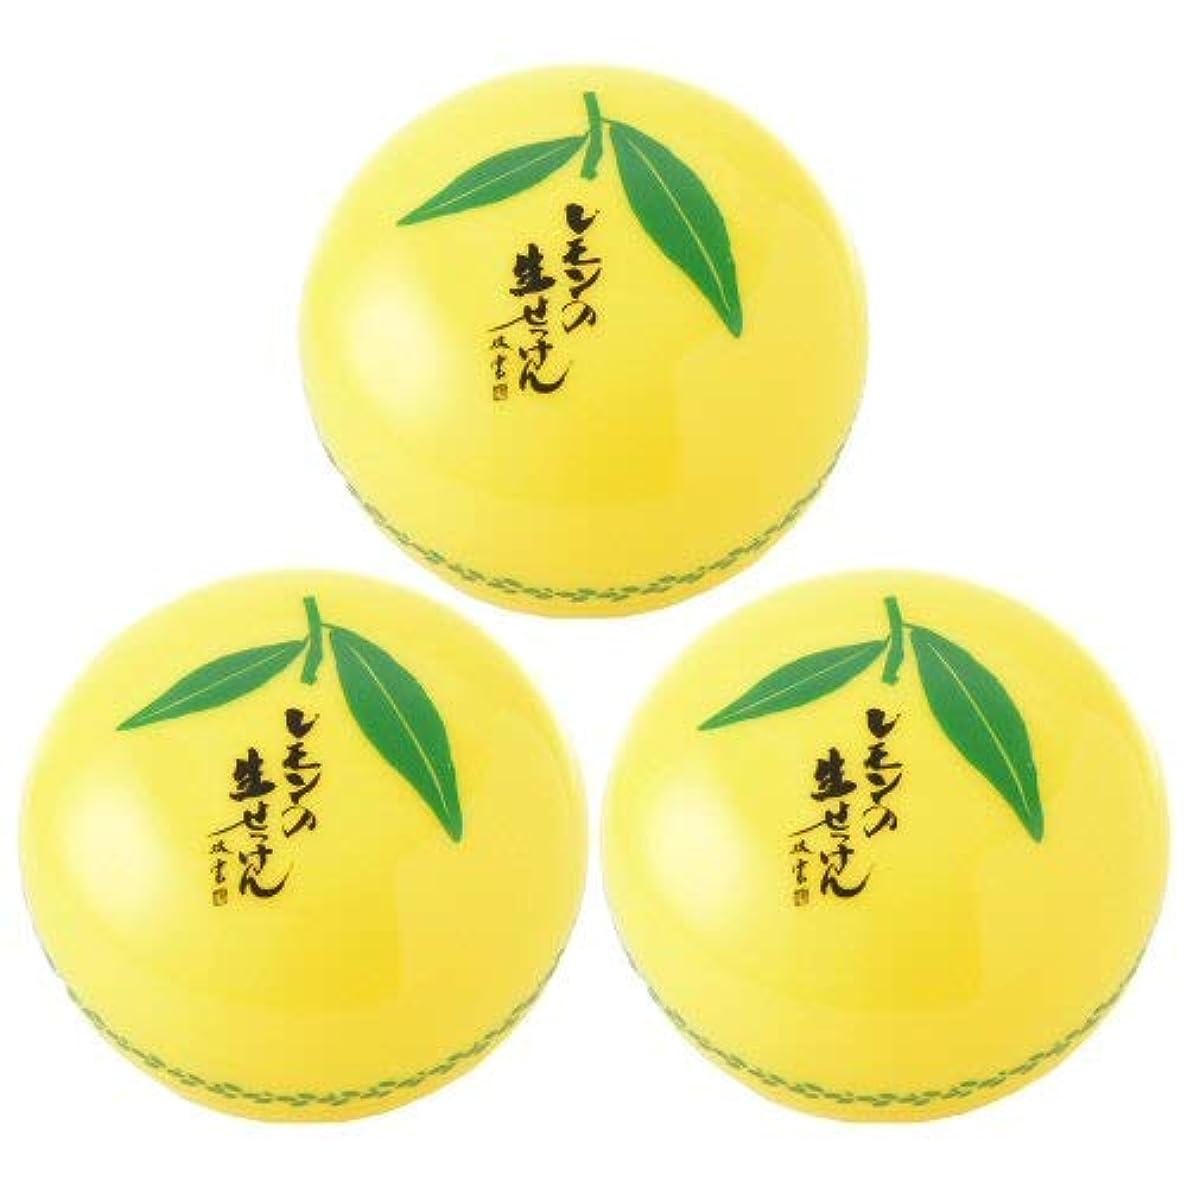 邪魔絶妙ぬれたUYEKI美香柑レモンの生せっけん120g×3個セット